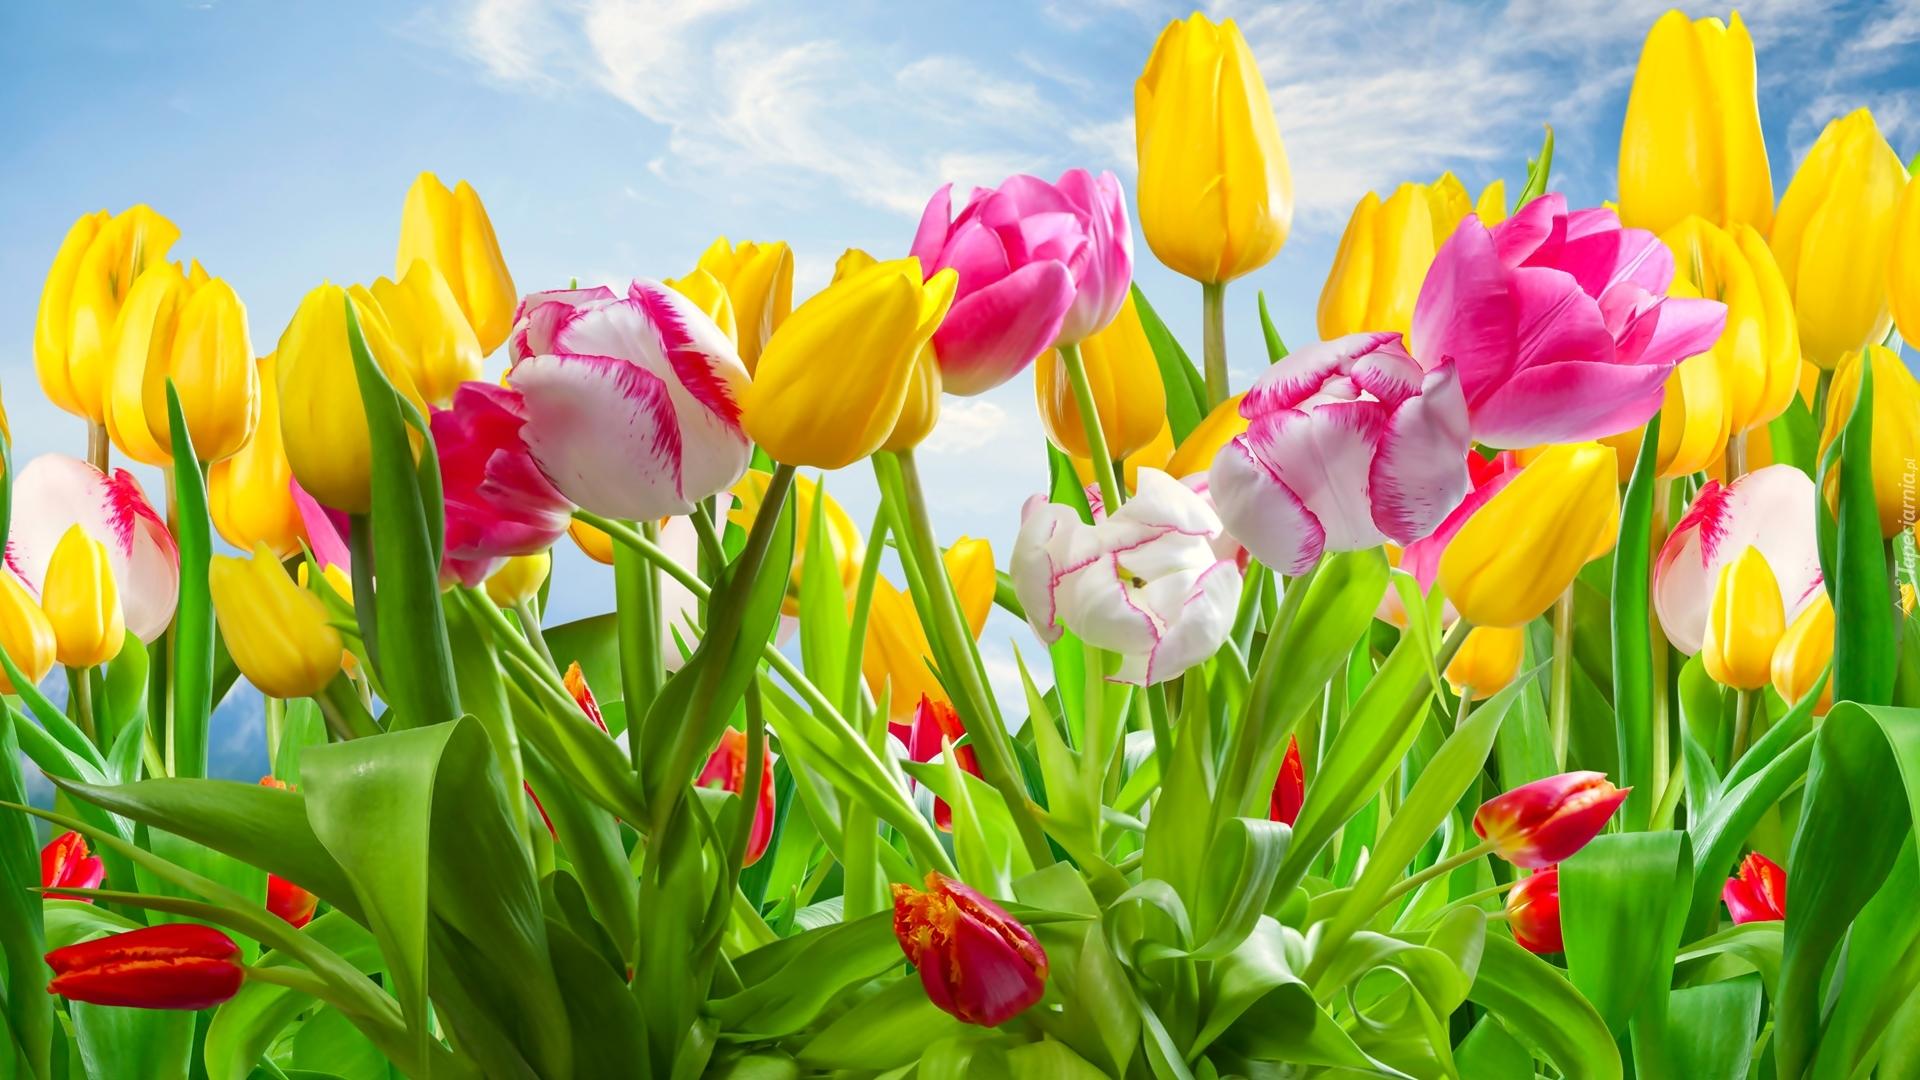 поляна из желтых тюльпанов скачать